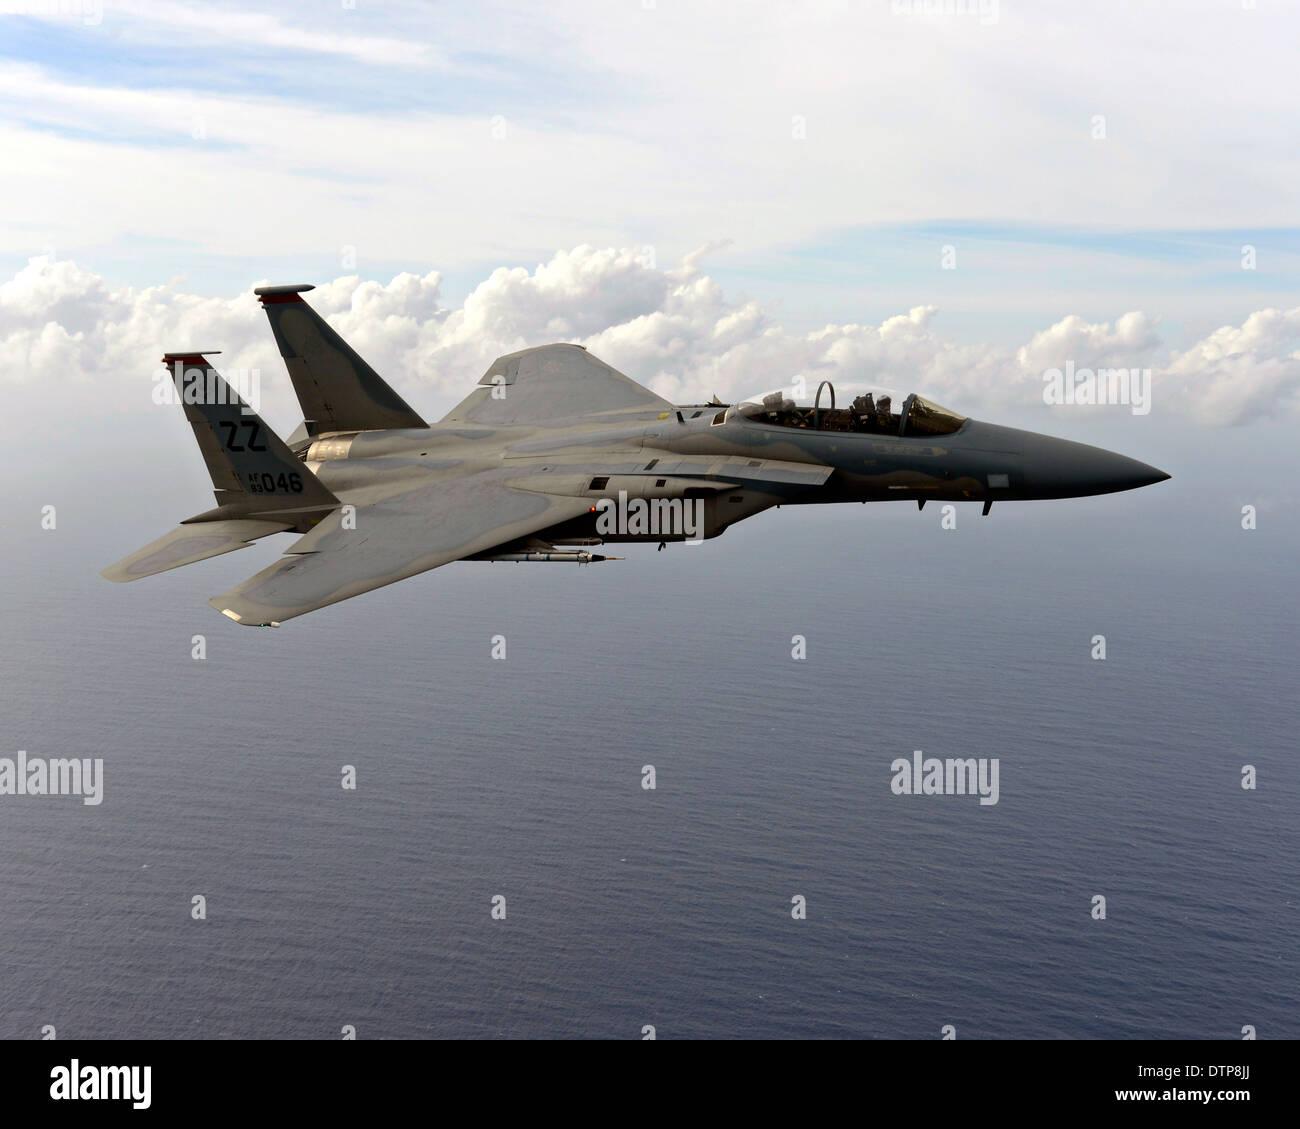 L'US Air Force d'avions de chasse F-15 Eagle survole l'océan Pacifique à l'appui de faire face au nord 2014 Février 18, 2014 près de Guam. Photo Stock